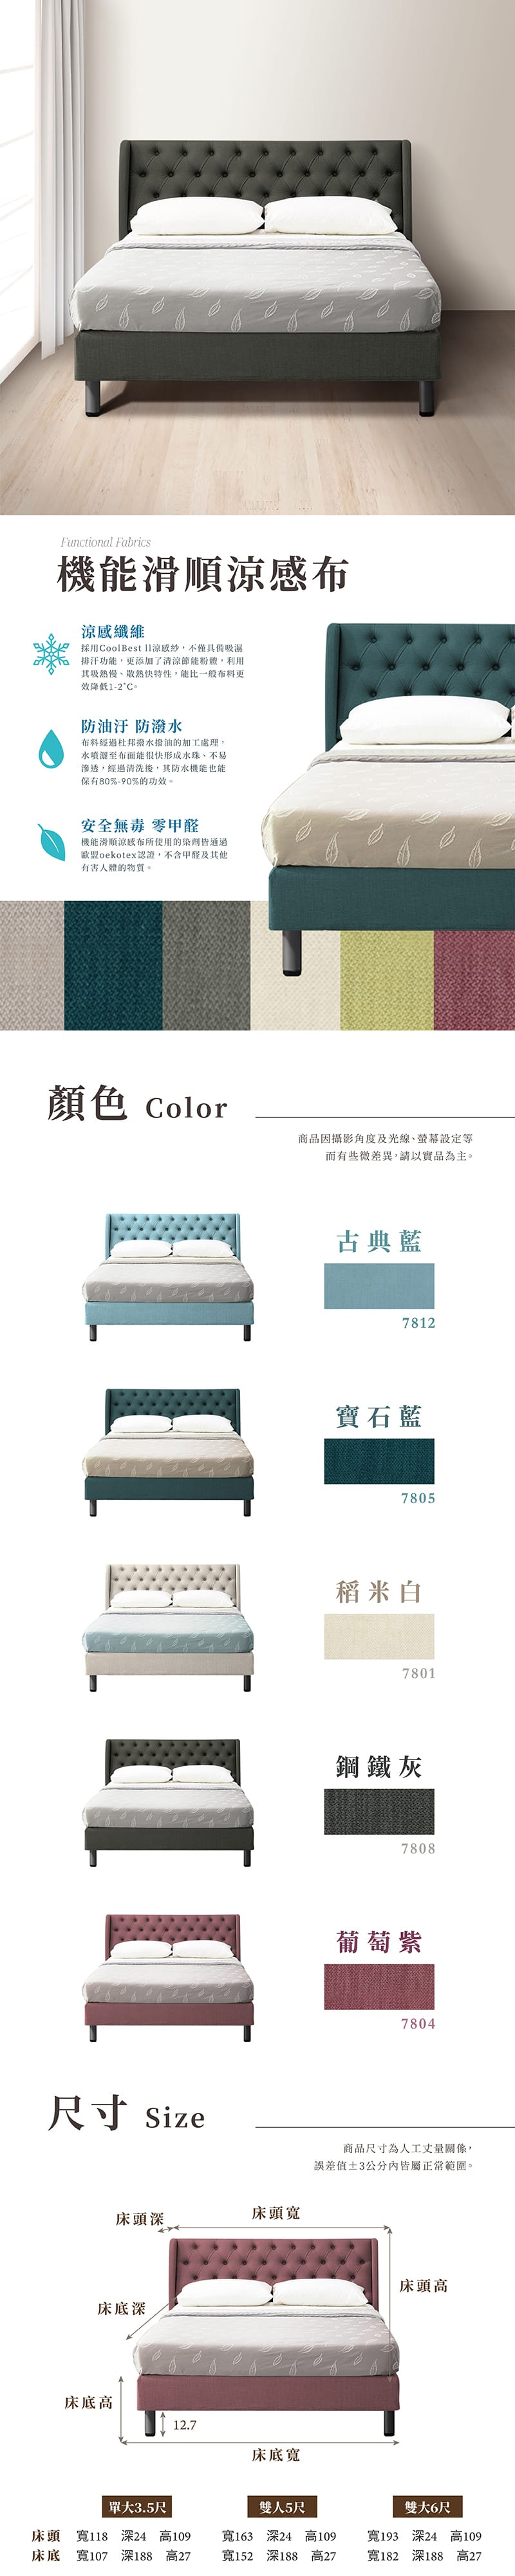 赫茲 涼感紗床組兩件 雙人5尺(床頭片+床底)